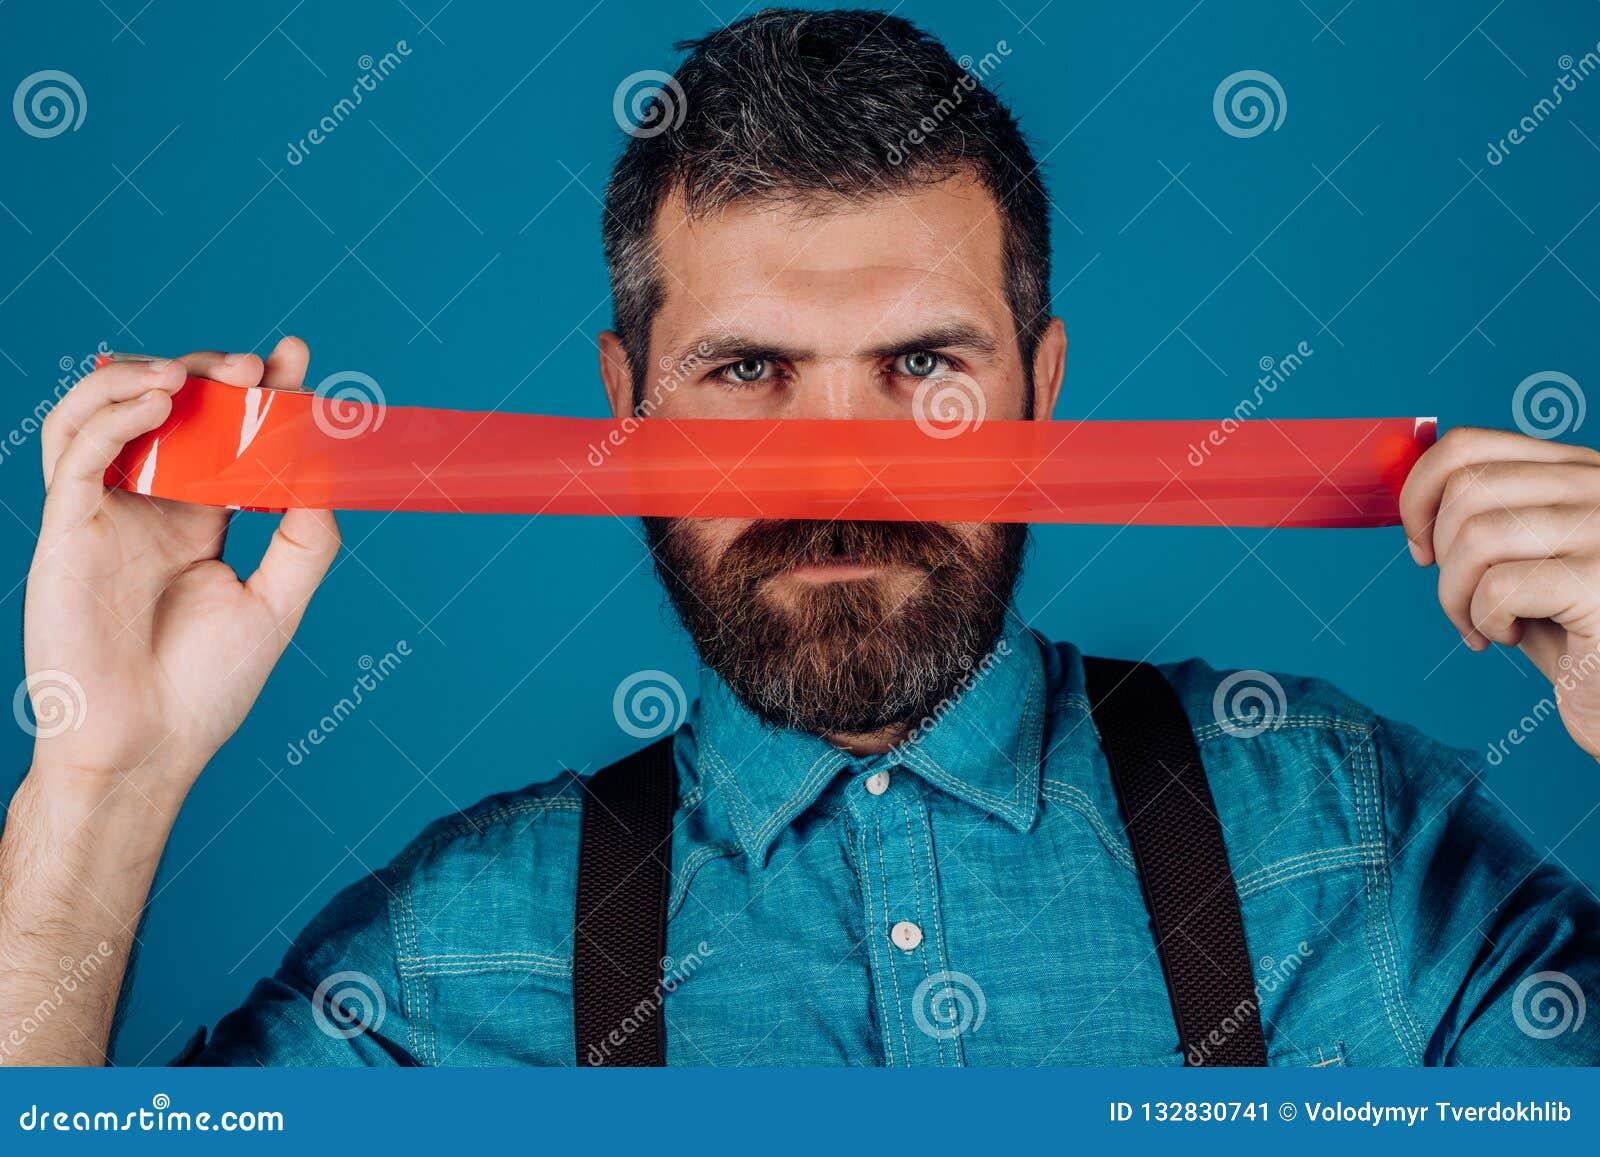 Internationale Rechten van de mensdag censuur Brutaal gebaard mannetje mensen verpakkende mond door plakband Meningscontrole en